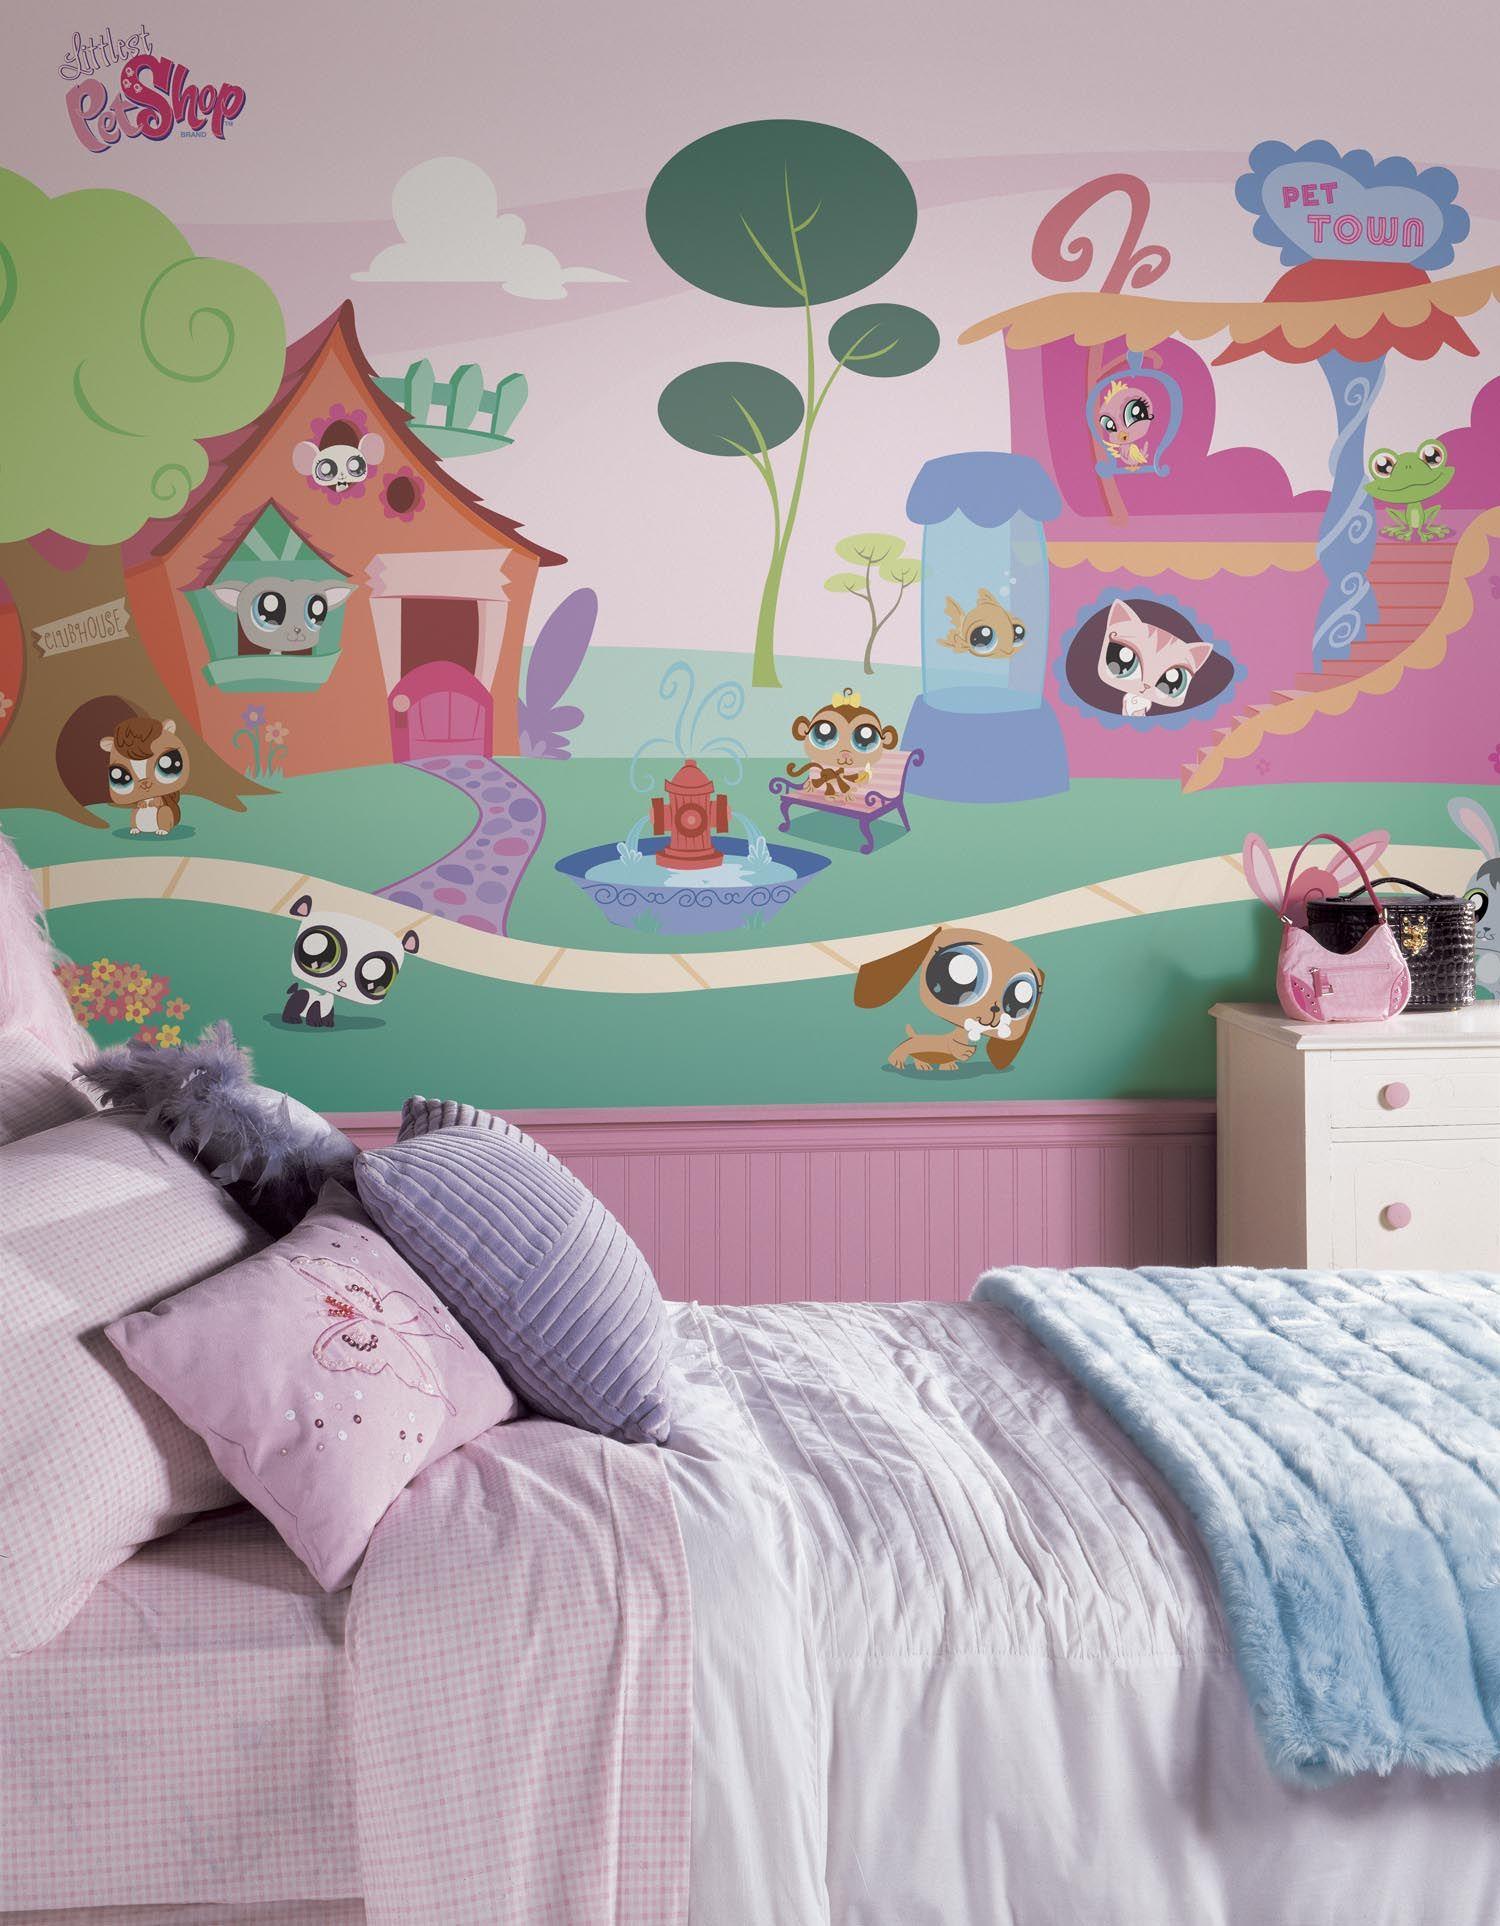 littlest pet shop wallpaper show google search littlest pet